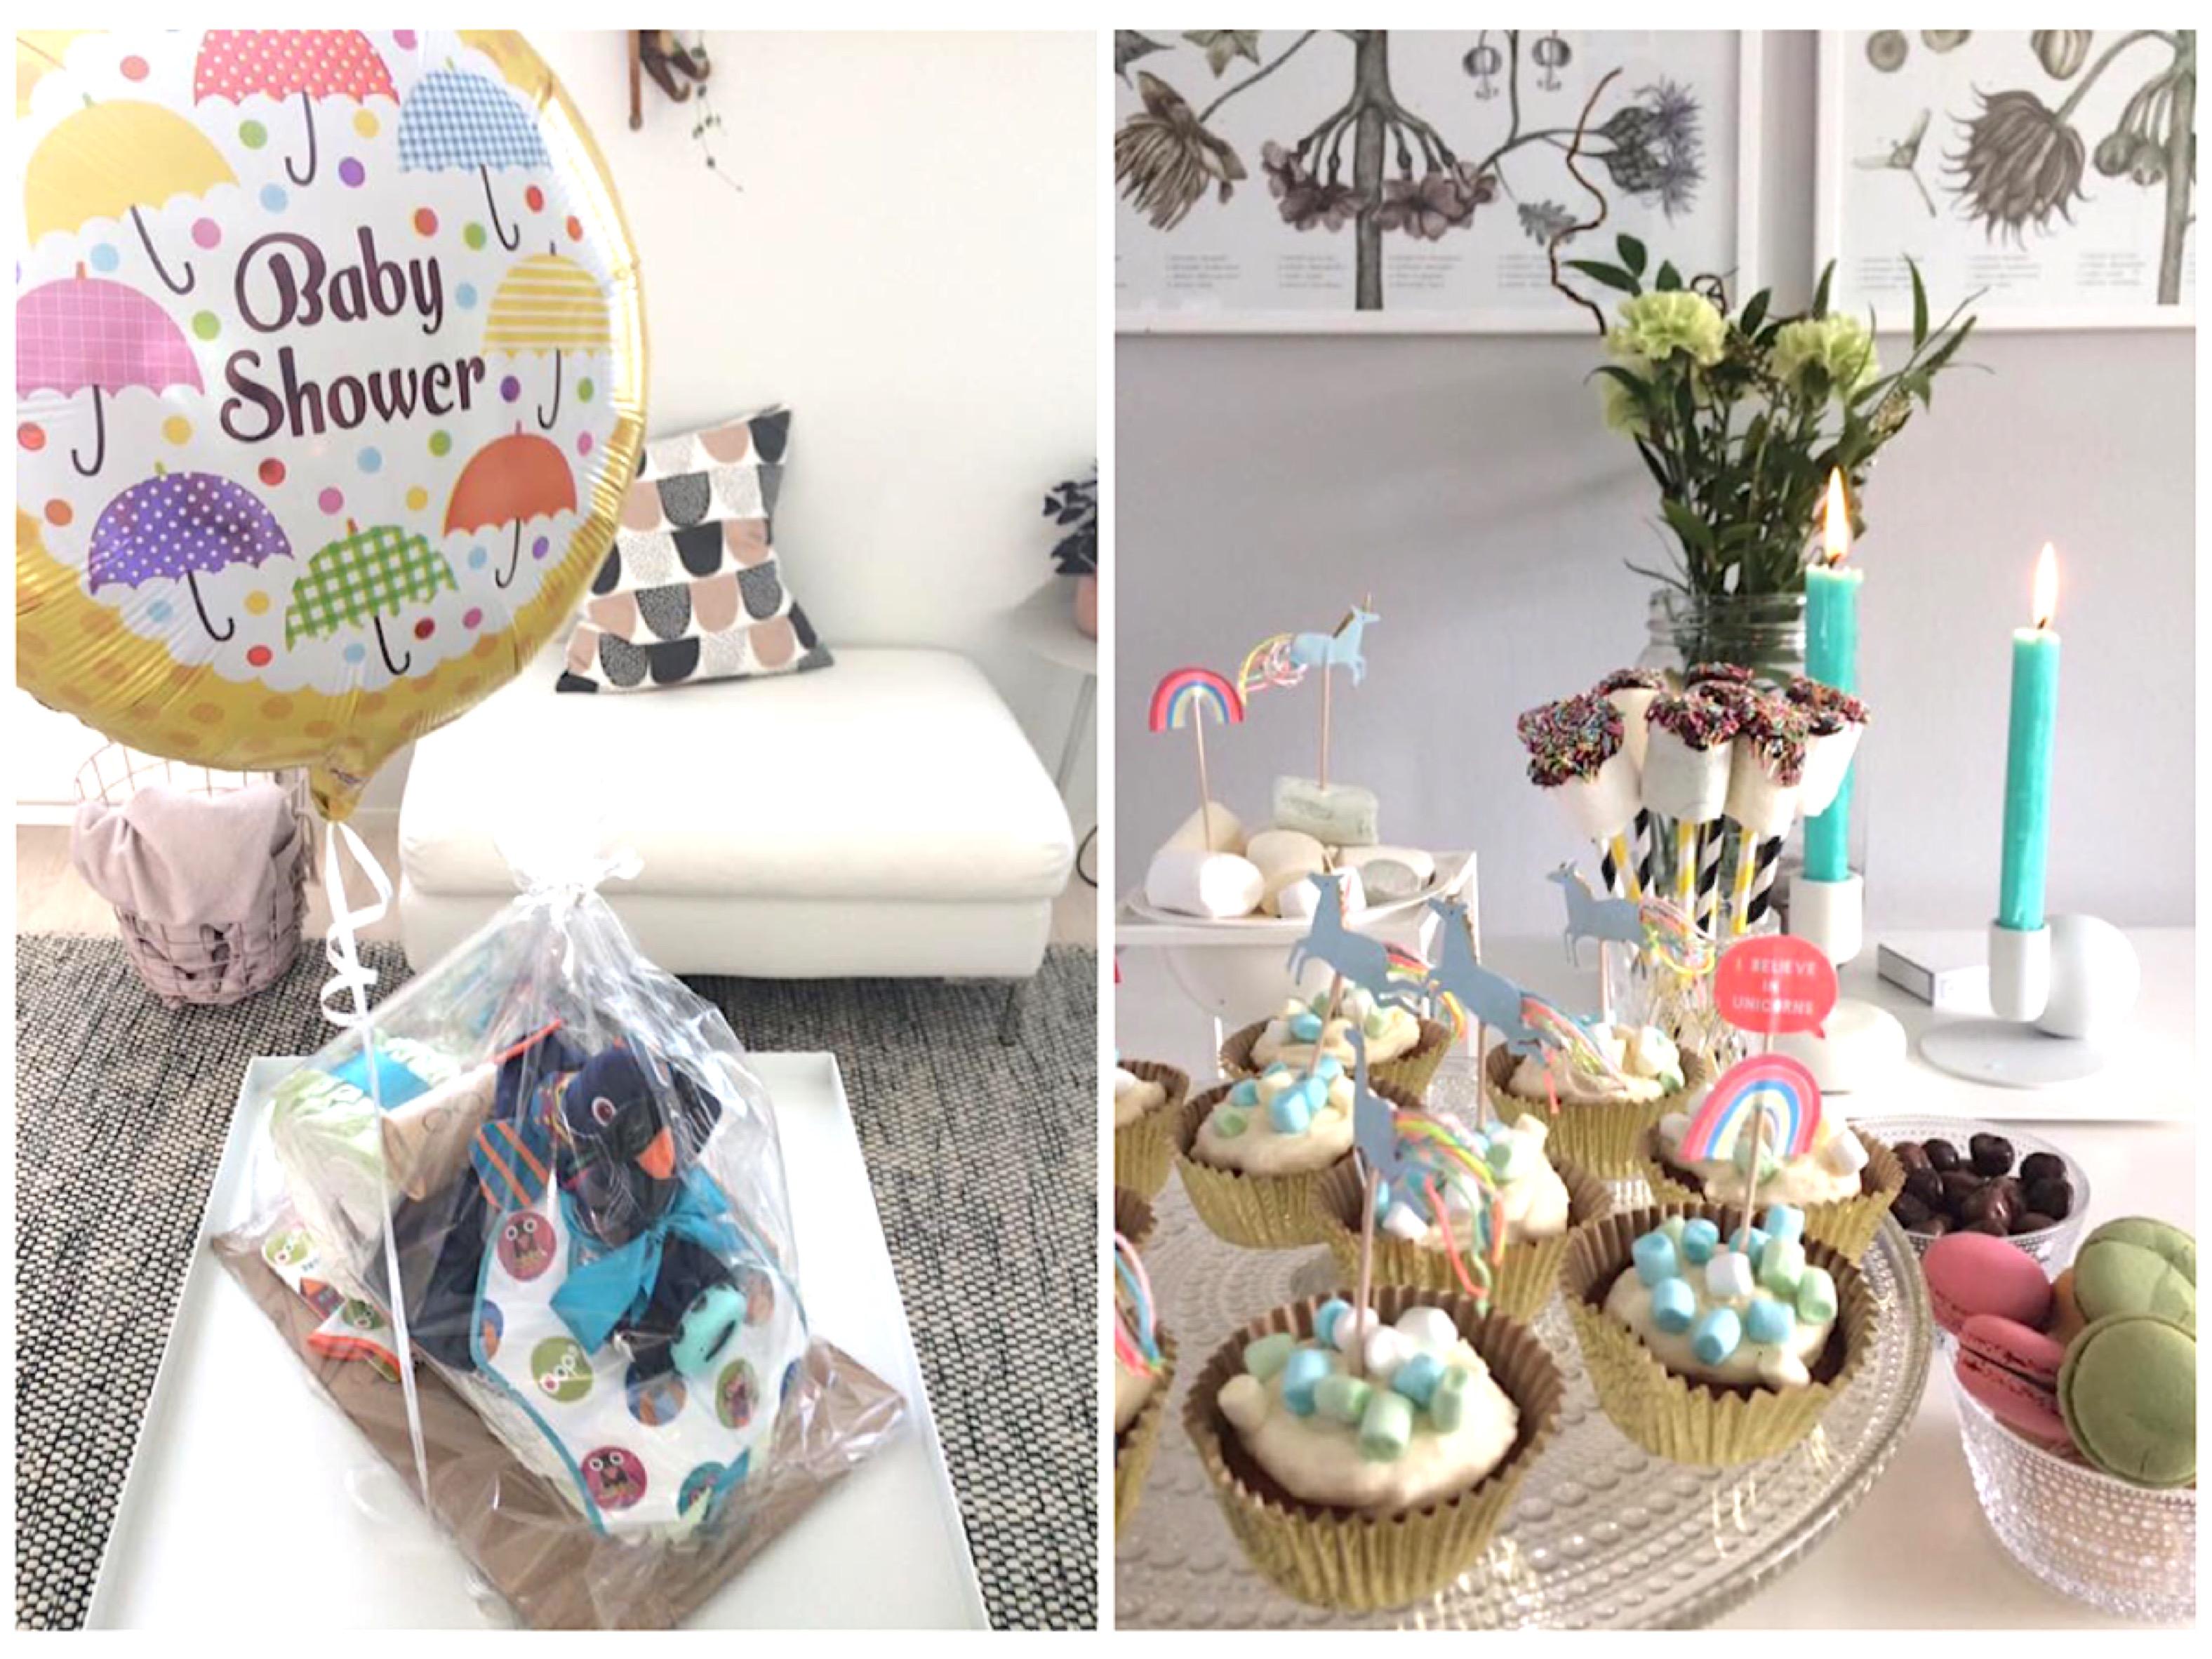 Babyshower juhlat ja kattaus Babyshower juhliin